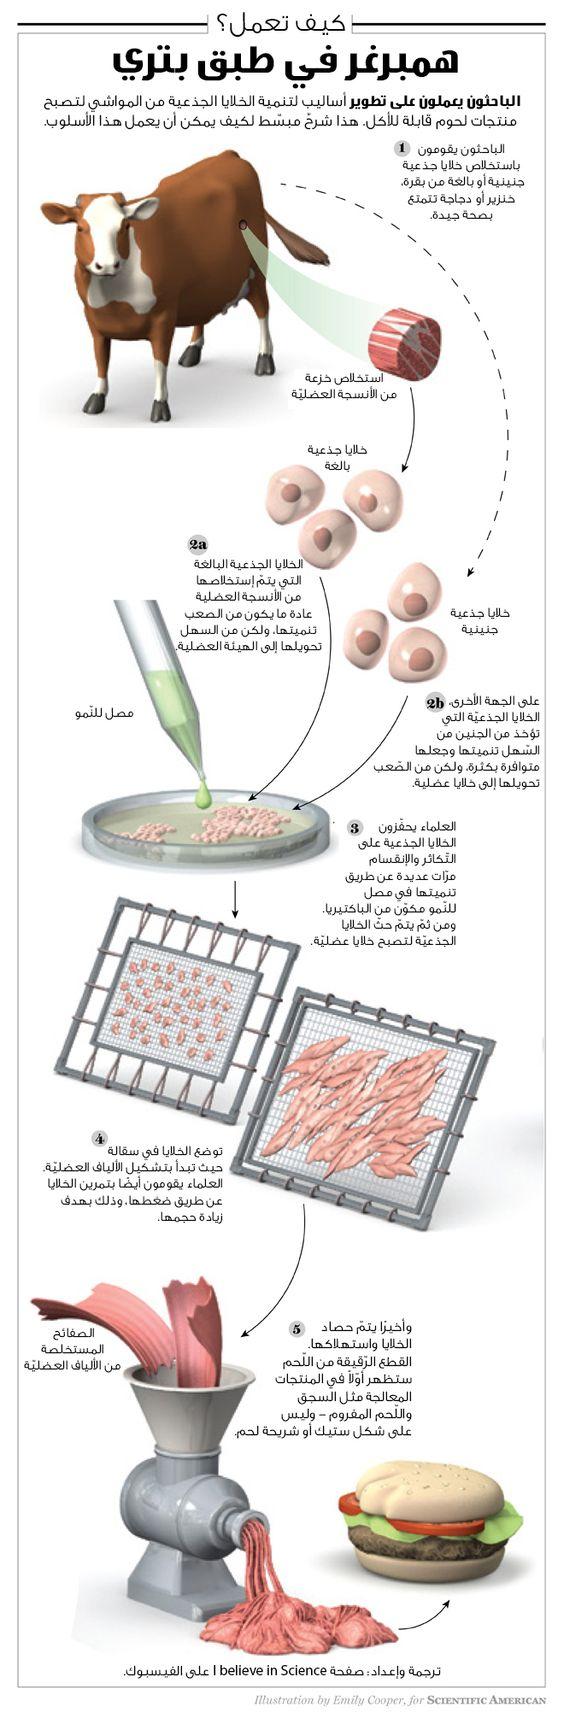 لحوم قابلة للأكل والإستهلاك من الخلايا الجذعيّة للكائنات الحيّة. هذه التّقنيّة ما زالت في مهدها، وهنالك الكثير من العقبات التي تواجهنا قبل أن تُصبح مثل هذه المنتجات متوافرة في الأسواق. هذا الإنفوجرافيك يُوضّح كيف يصنع العلماء مثل هذا الهمبرغر ابتداءً من الخلايا الجذعيّة وحتّى المعالجة، التّحضير، والطّهي. بالطّبع، هنالك نوعين من الخلايا الجذعيّة - هنالك الخلايا الجذعيّة البالغة والخلايا الجذعيّة الجنينيّة، ولكلّ حسناتها وسيّئاتها الخاصّة في هذا السّياق.